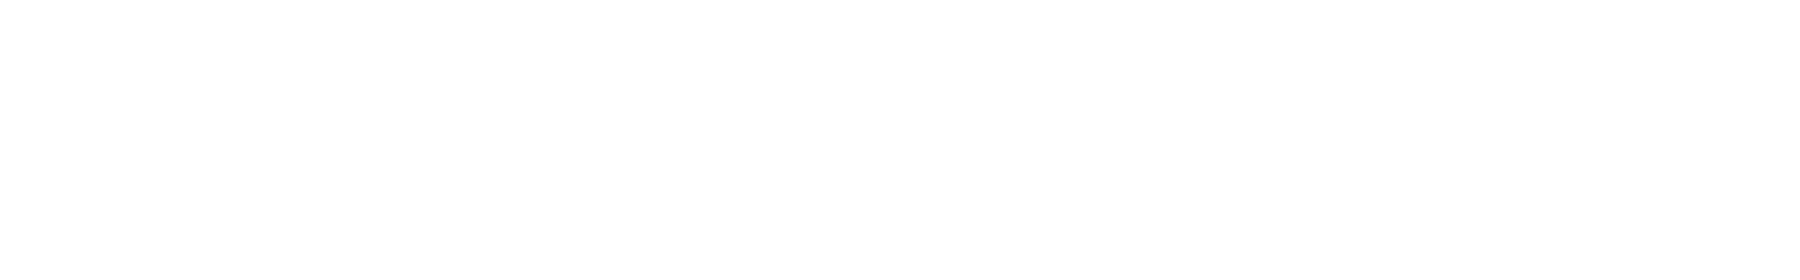 rythm kuchek 90 bpm